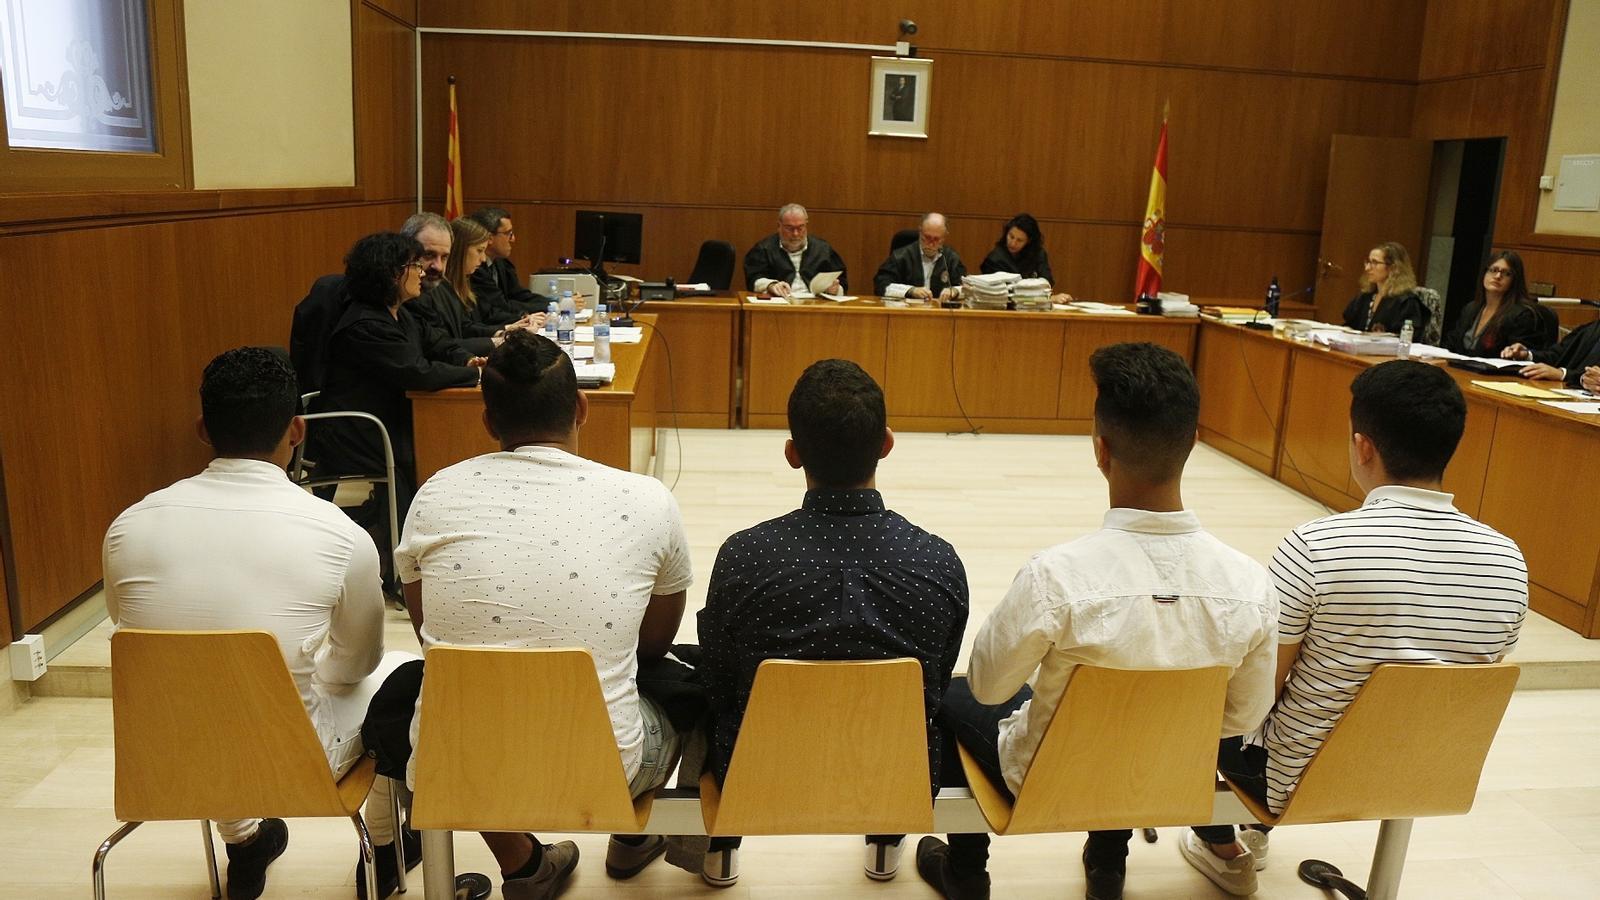 """La 'Manada' acusada de violar una nena de 14 anys a Manresa, a judici: """"Va, et toca a tu, 15 minuts i no tardis"""""""